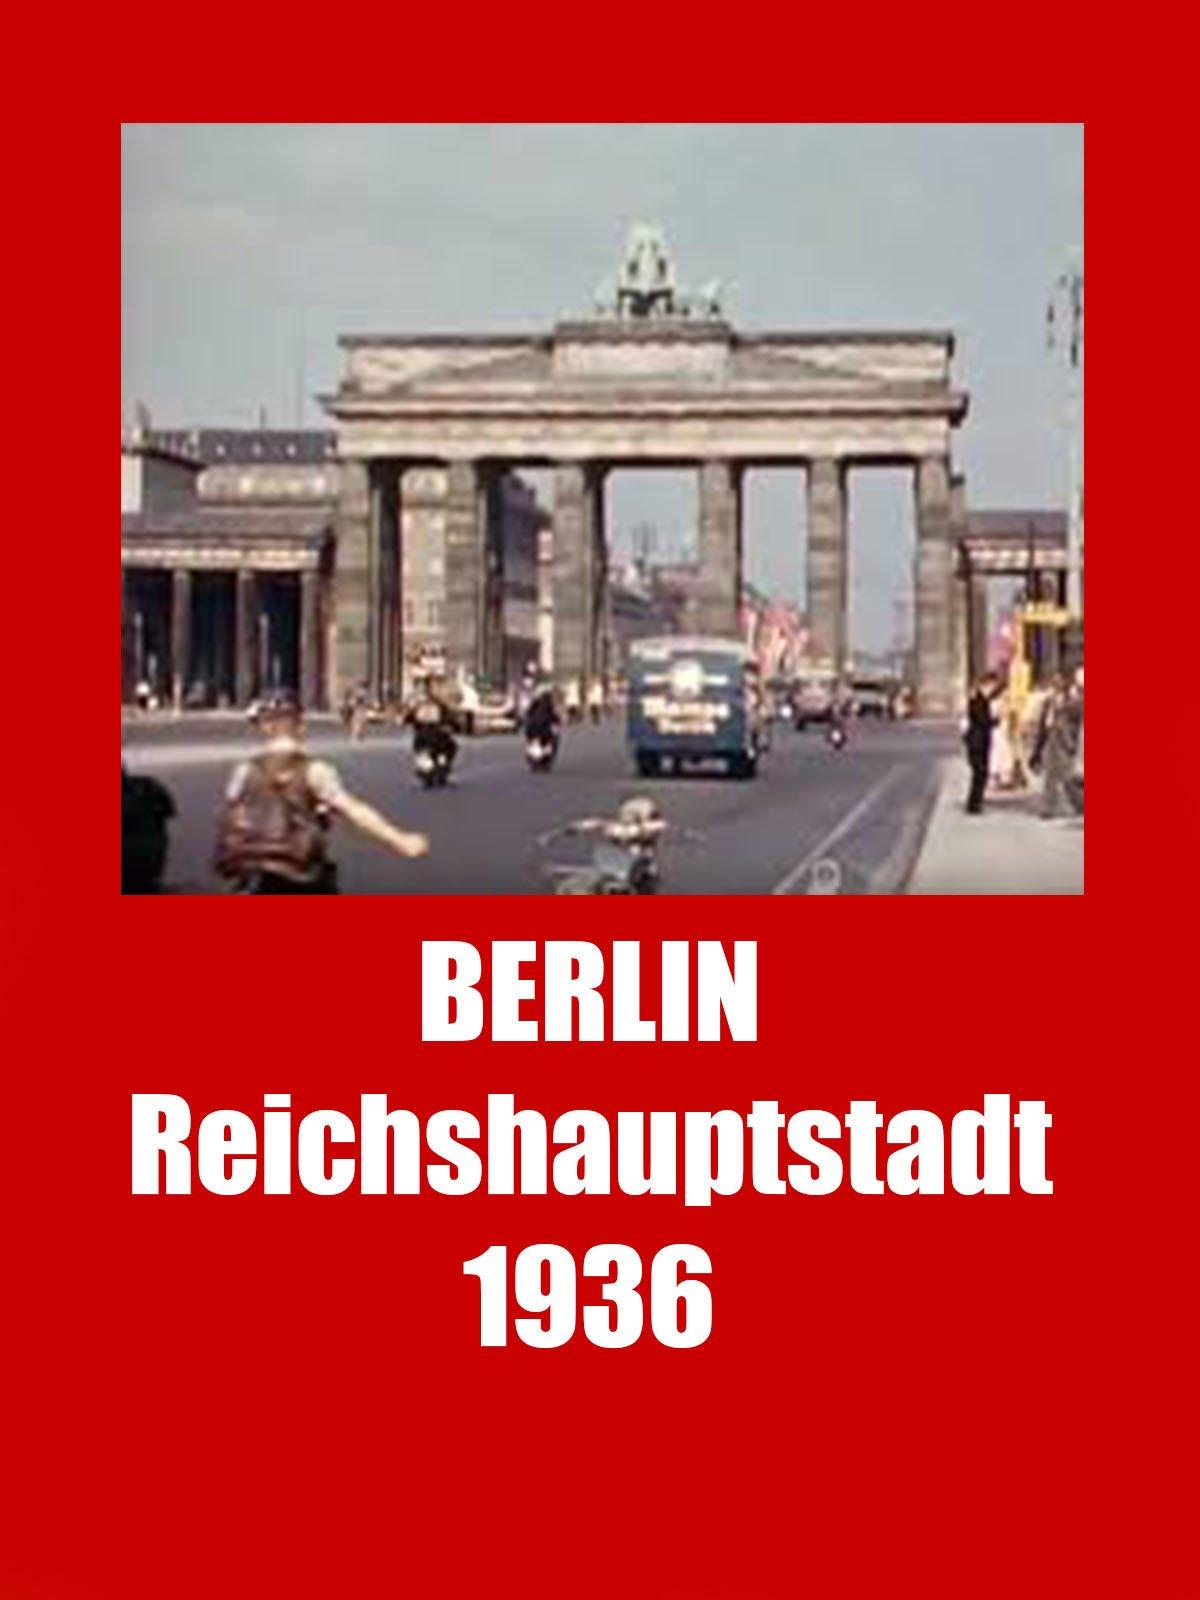 Berlin Reichshauptstadt 1936